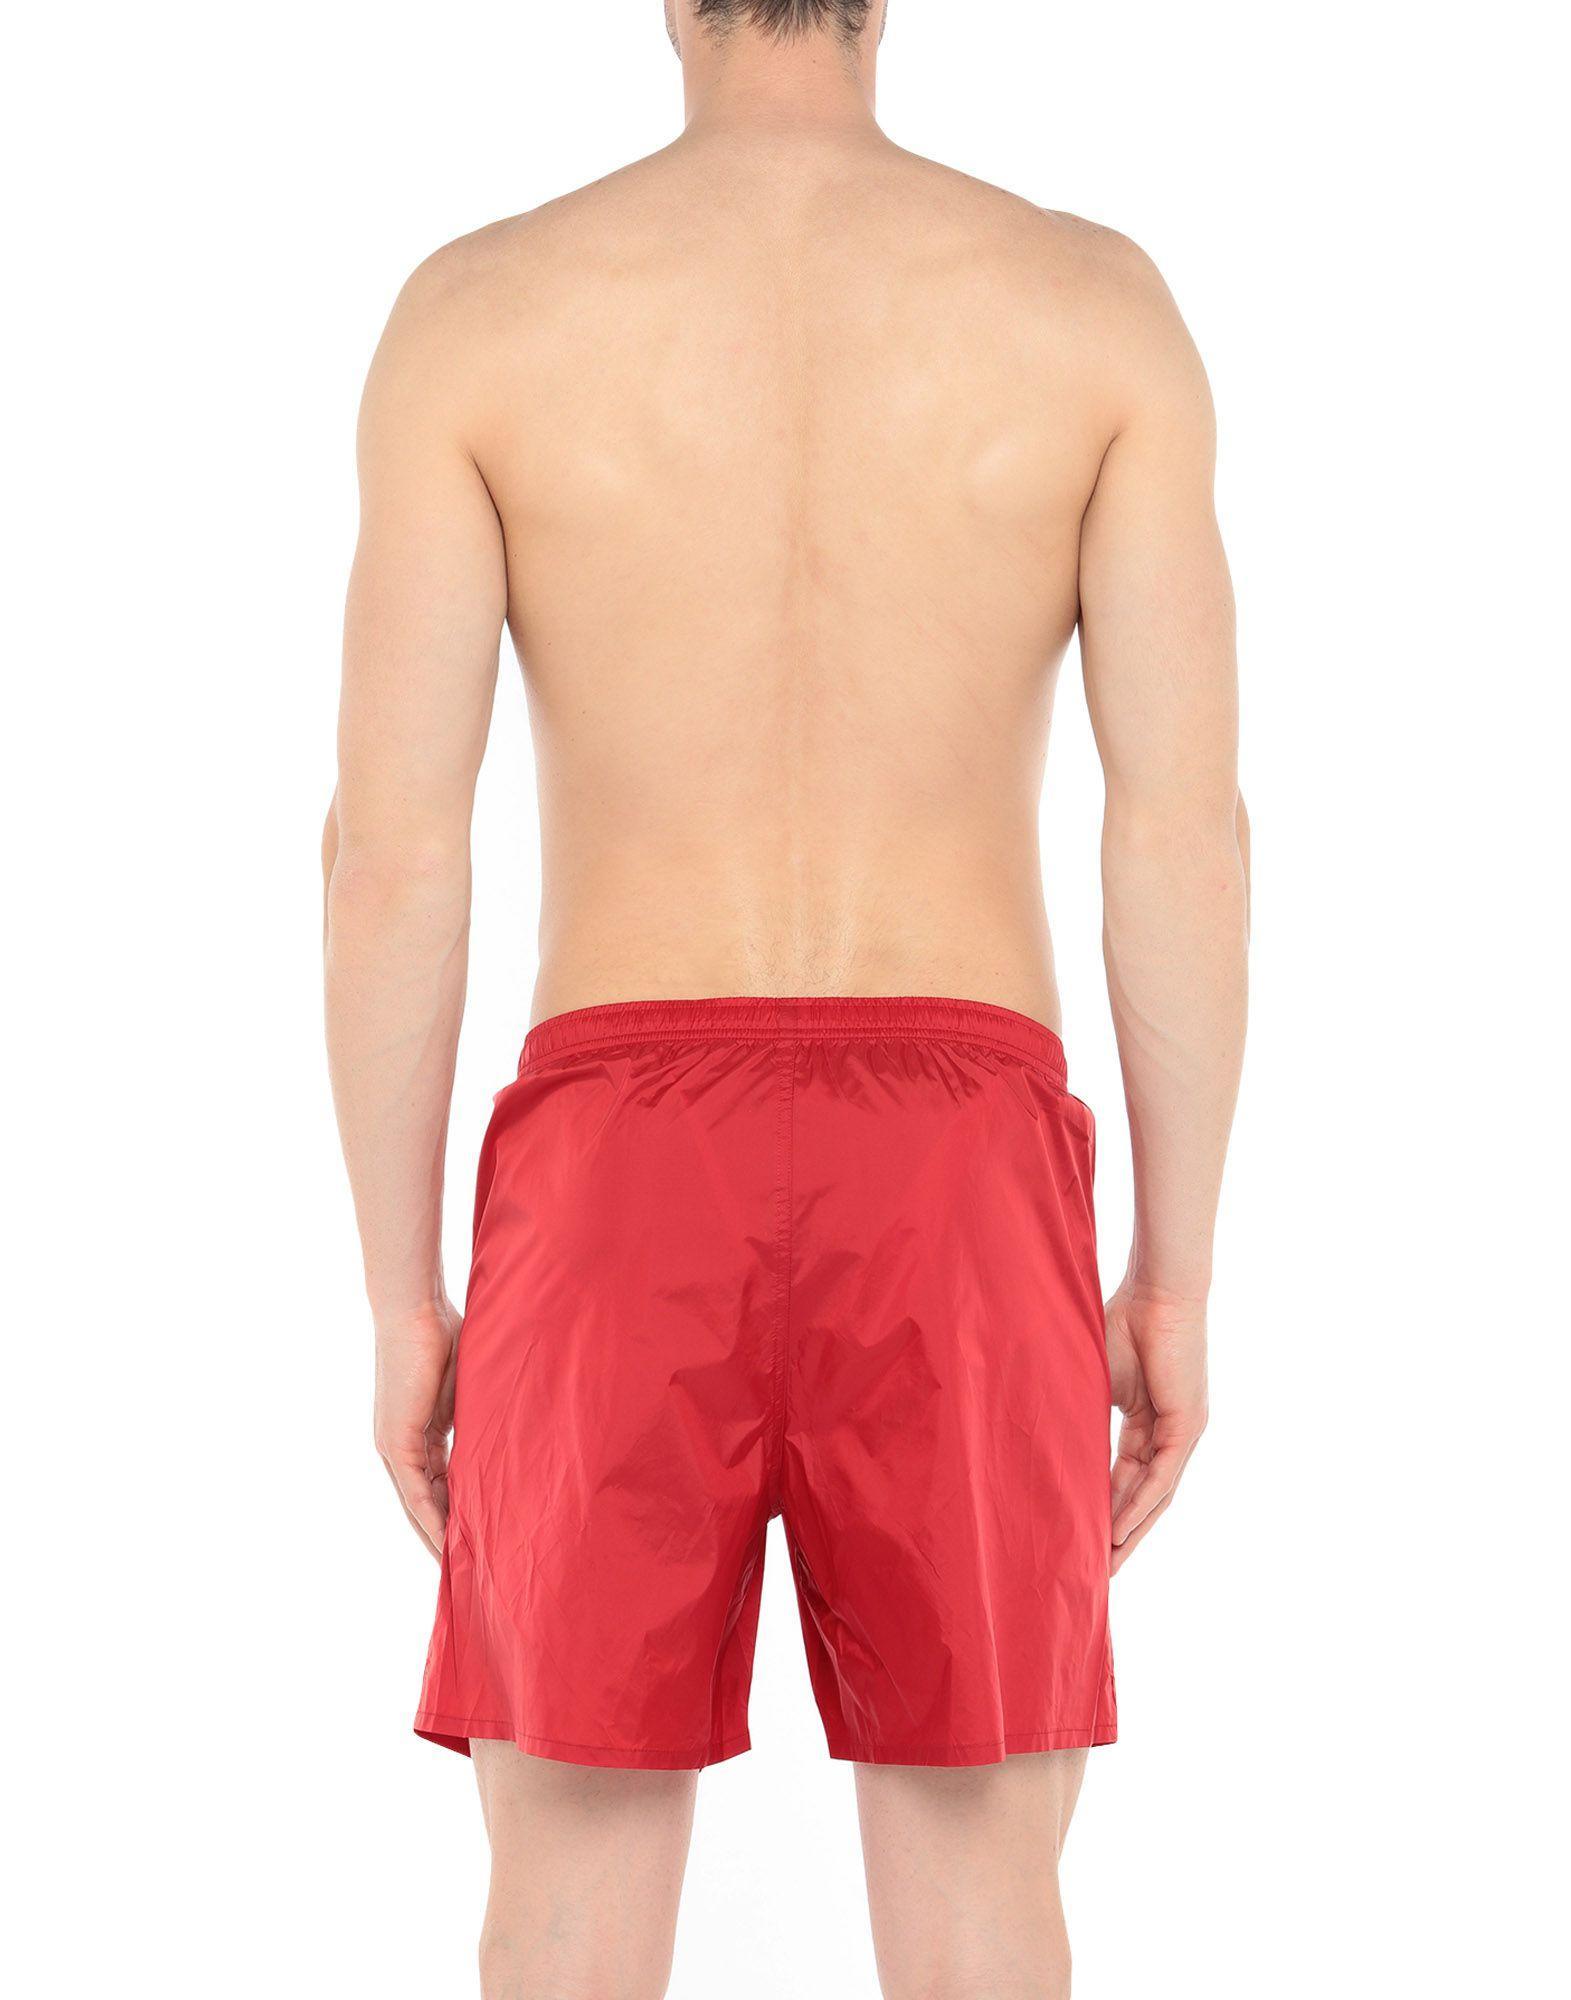 55275b9e55 Lyst - Zegna Sport Swim Trunks in Red for Men